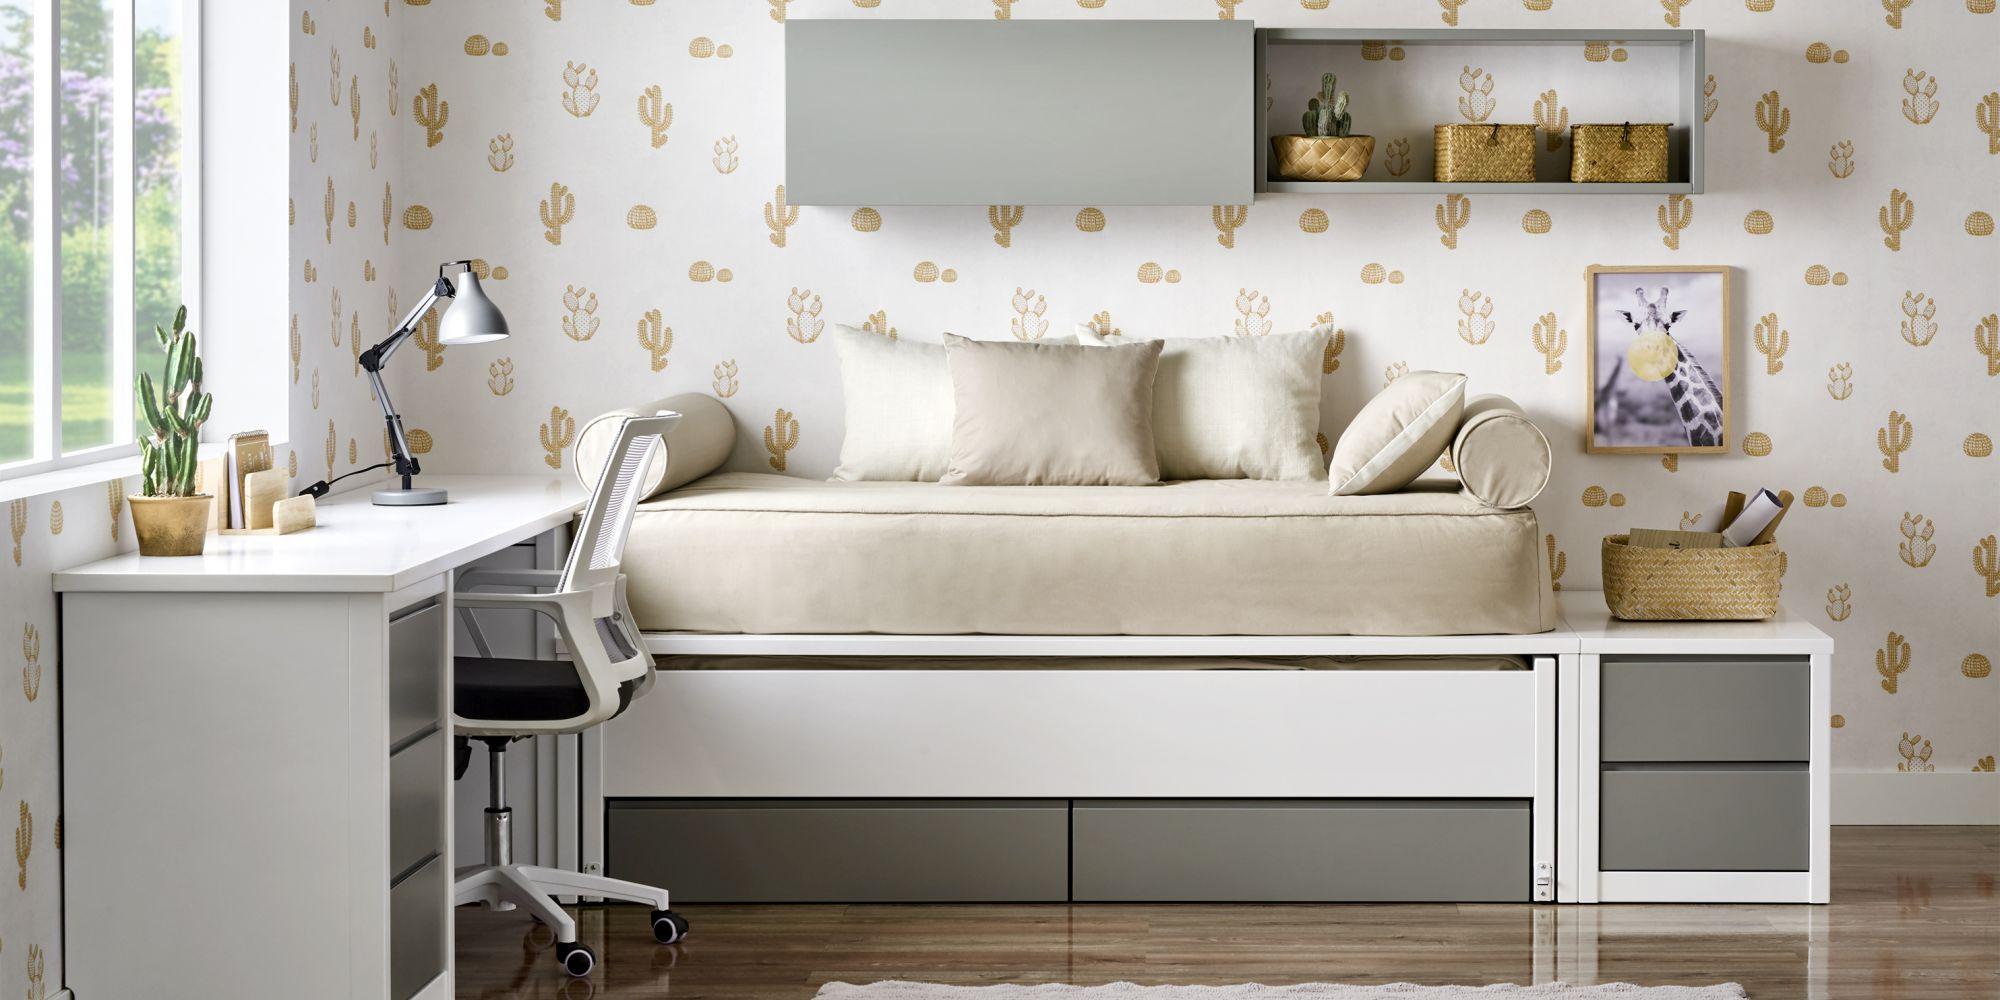 Cama compacta lacado blanco con mesa de estudio